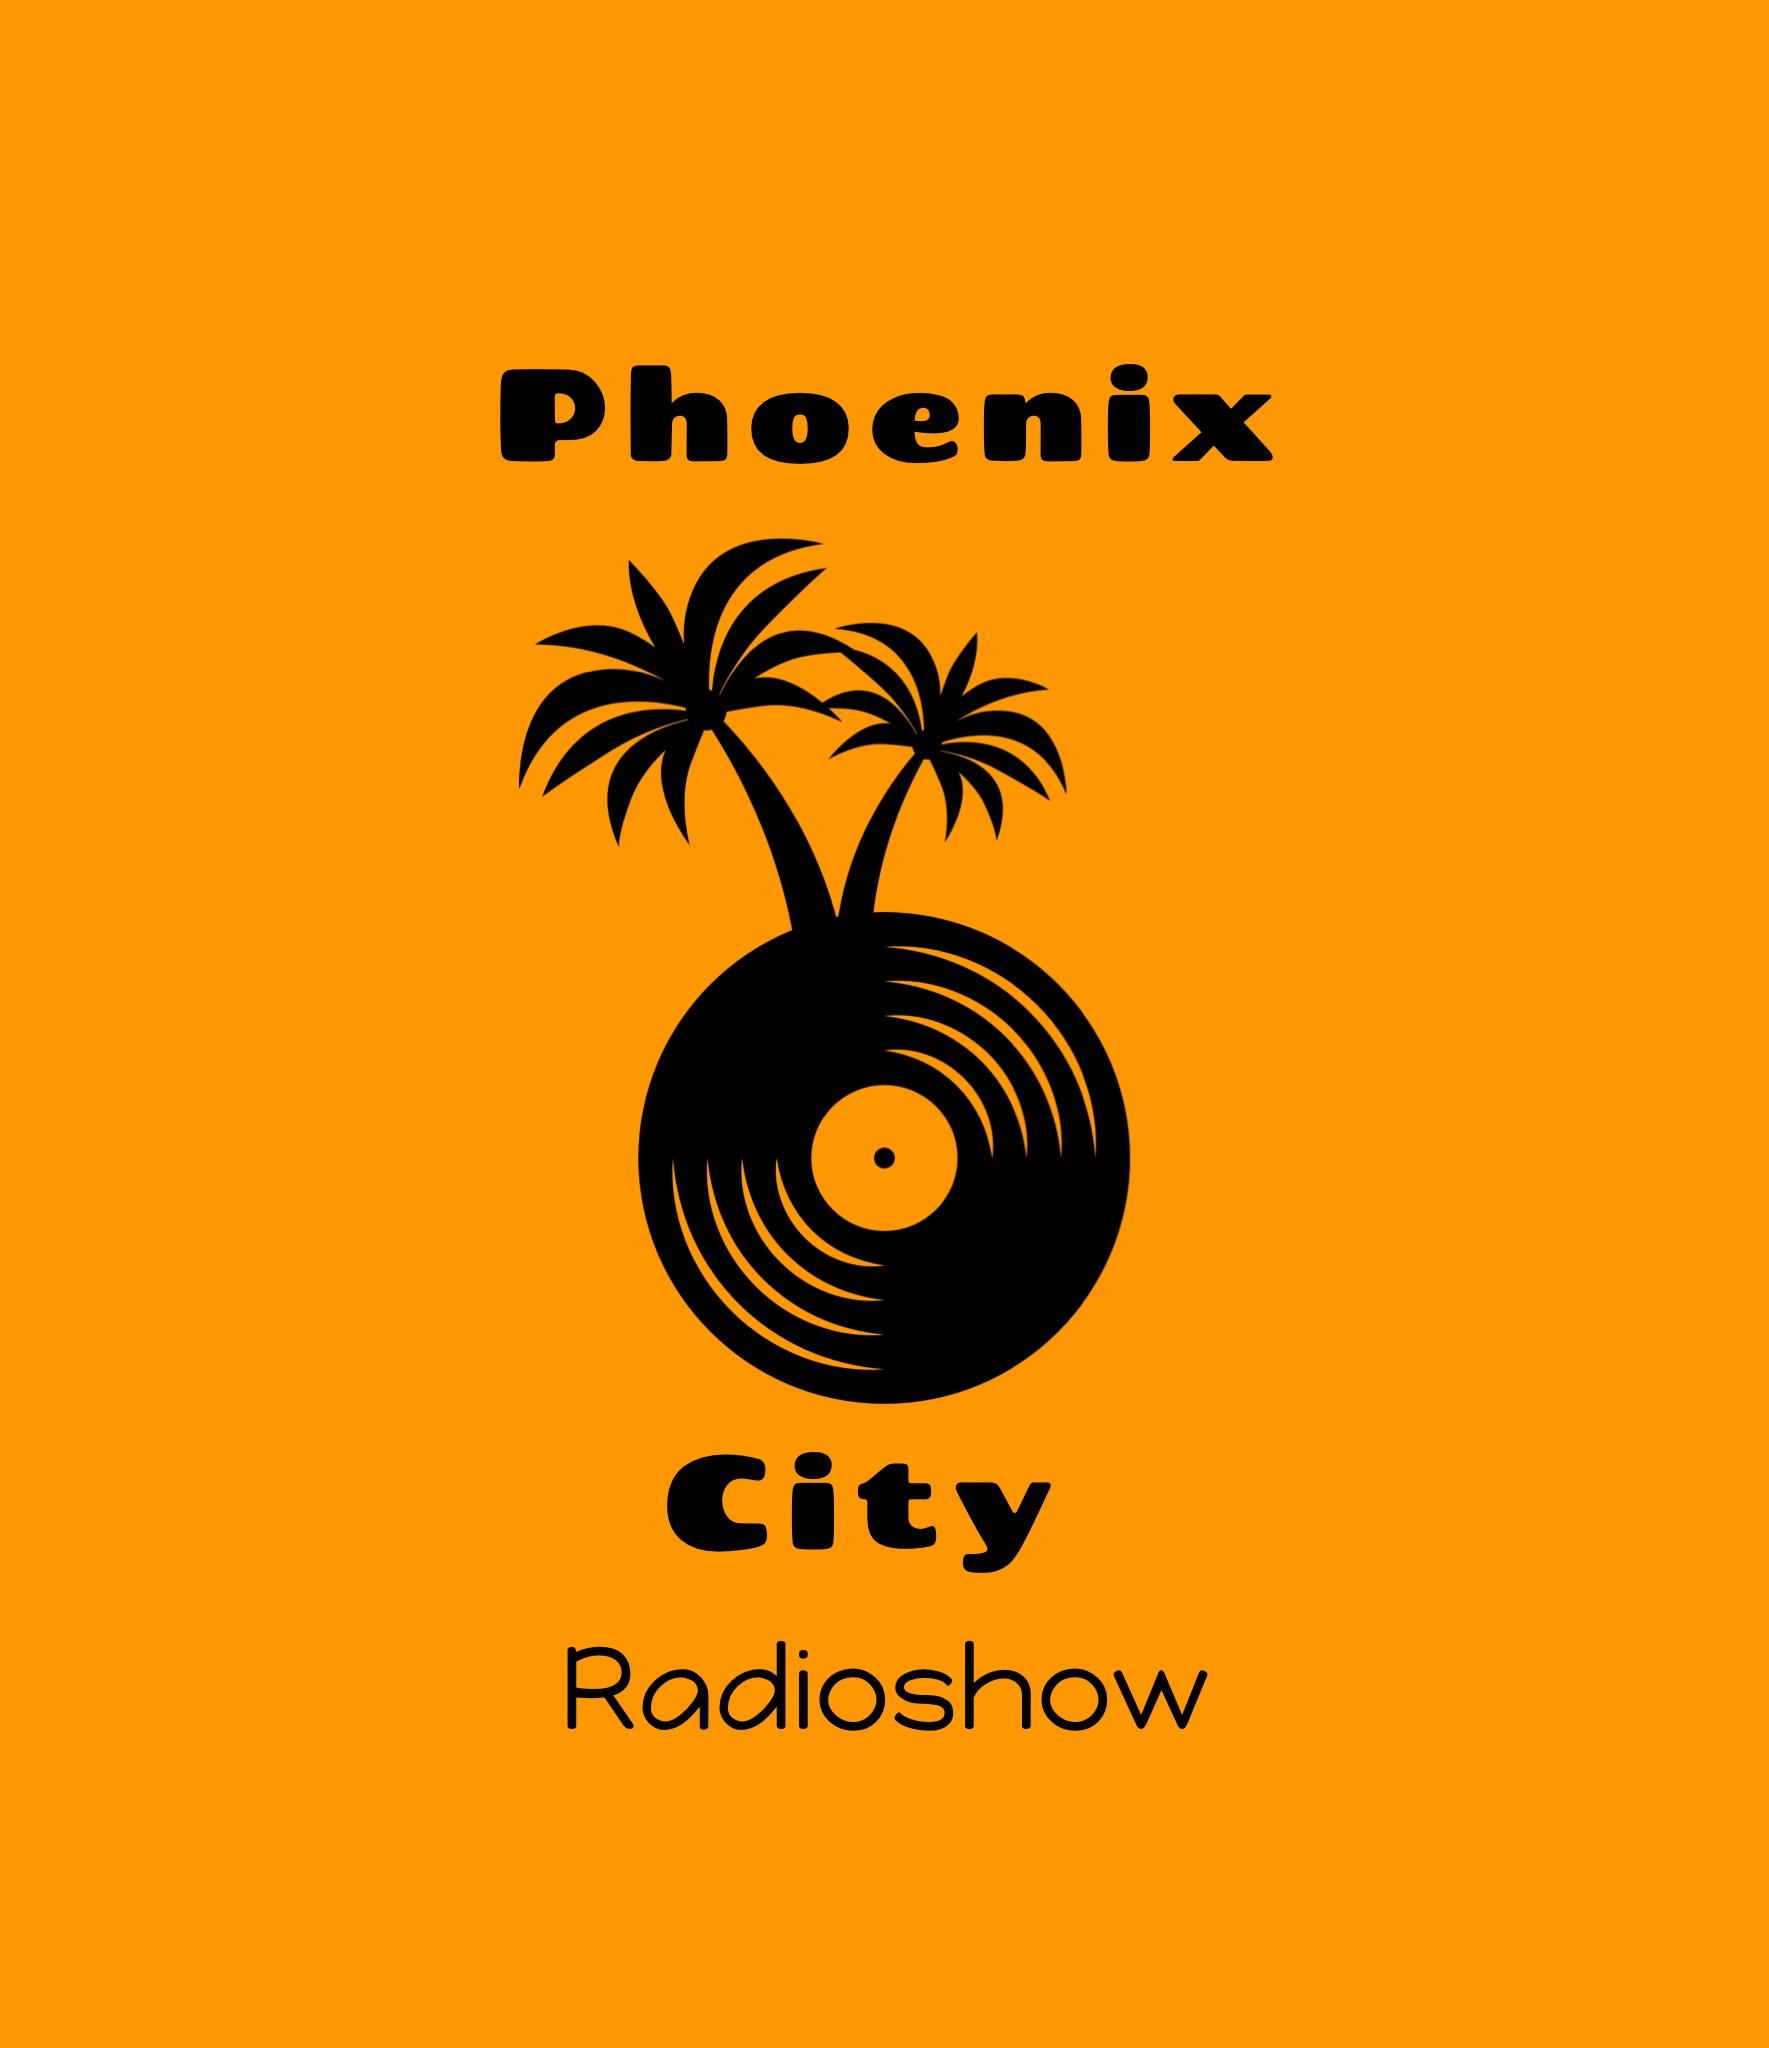 Phoenix City Radio Show (Banner)